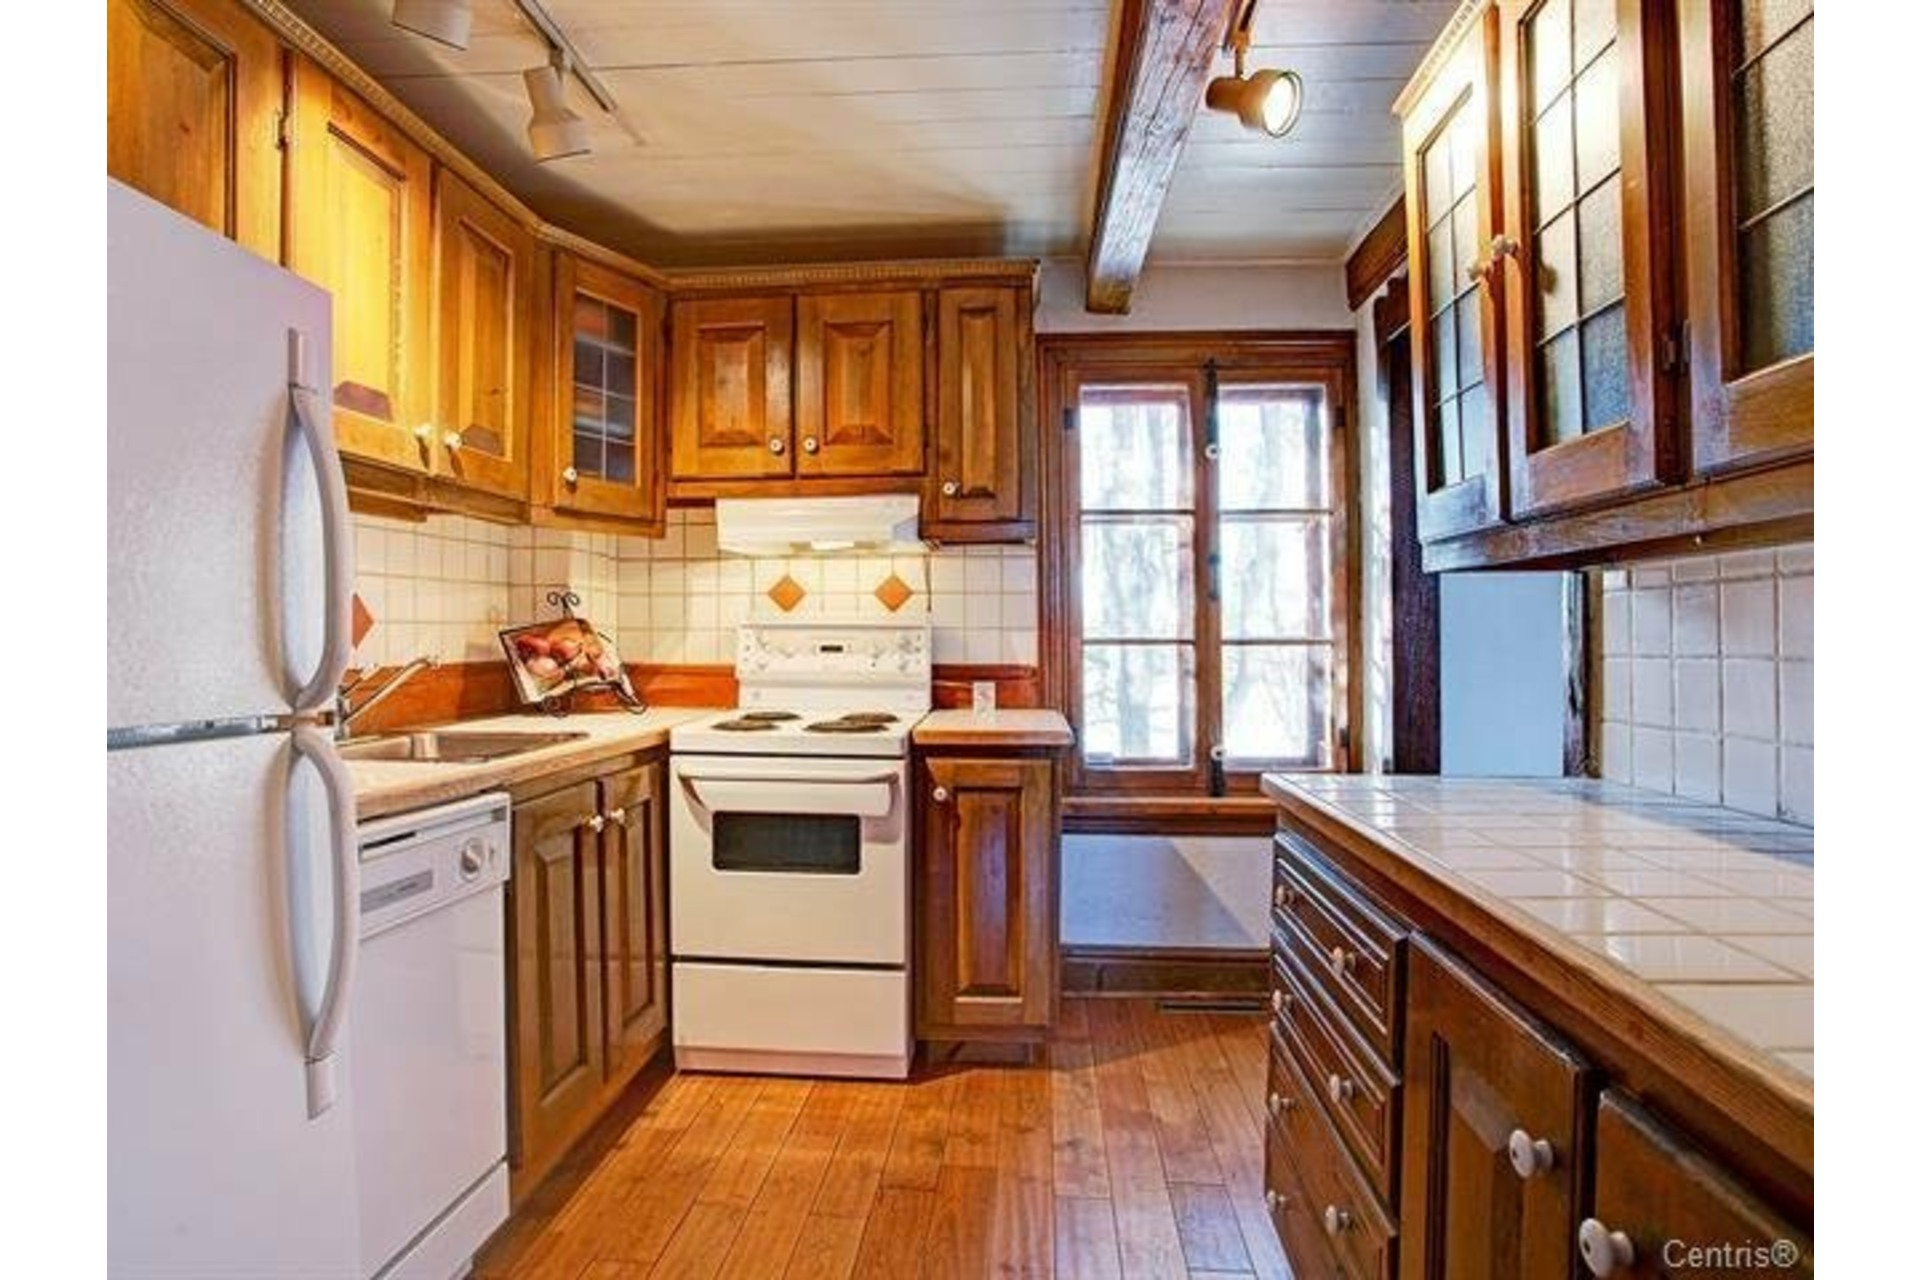 image 13 - MX - Casa sola - MX En venta Vaudreuil-Dorion - 12 habitaciones